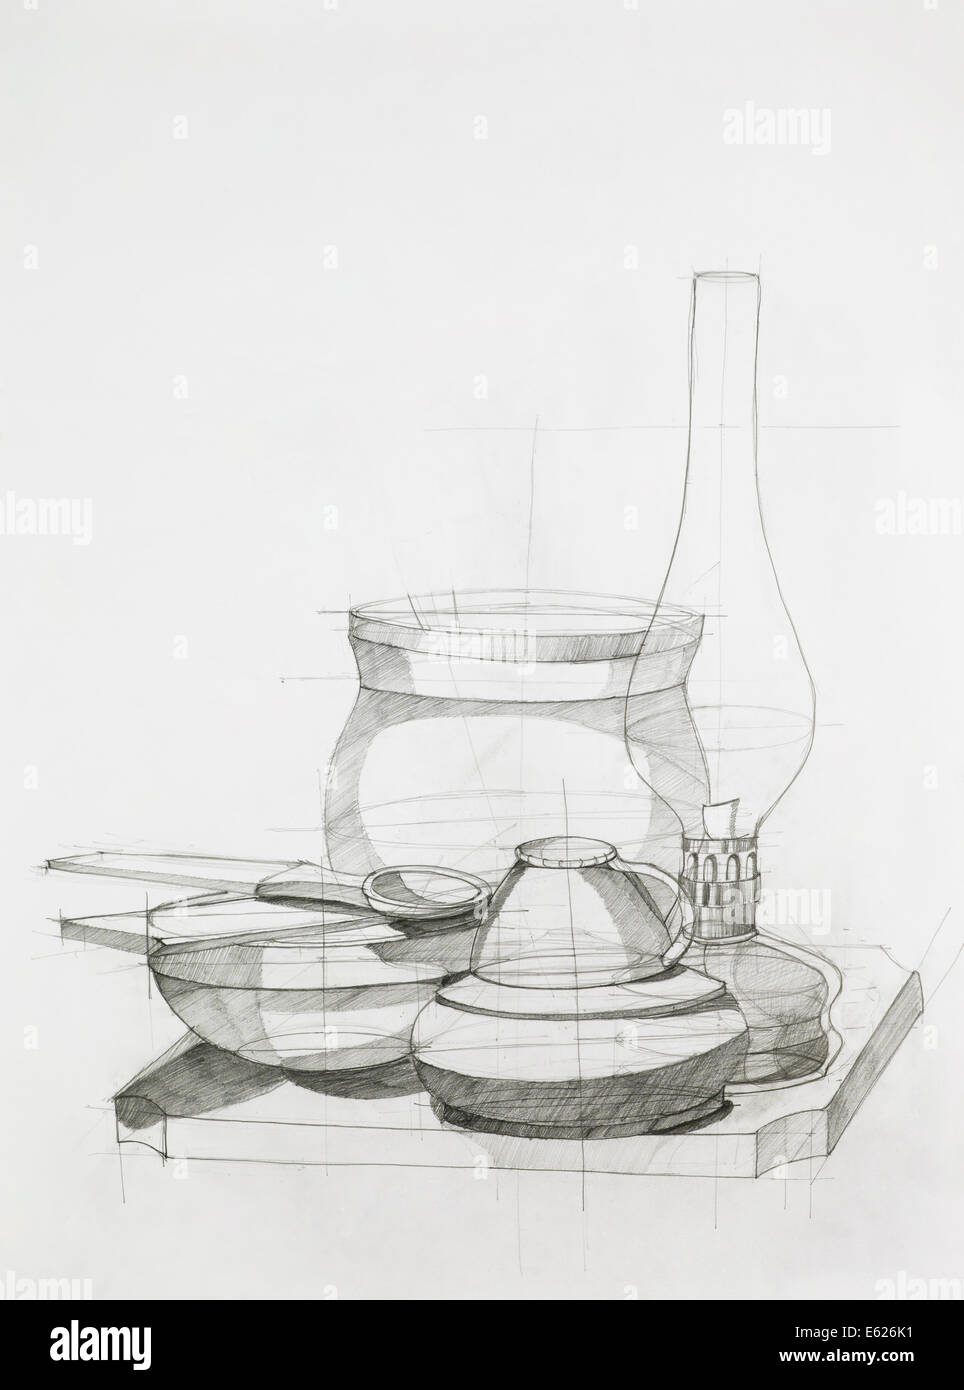 handgemalte künstlerische Studium der Komposition mit Objekten Stockbild